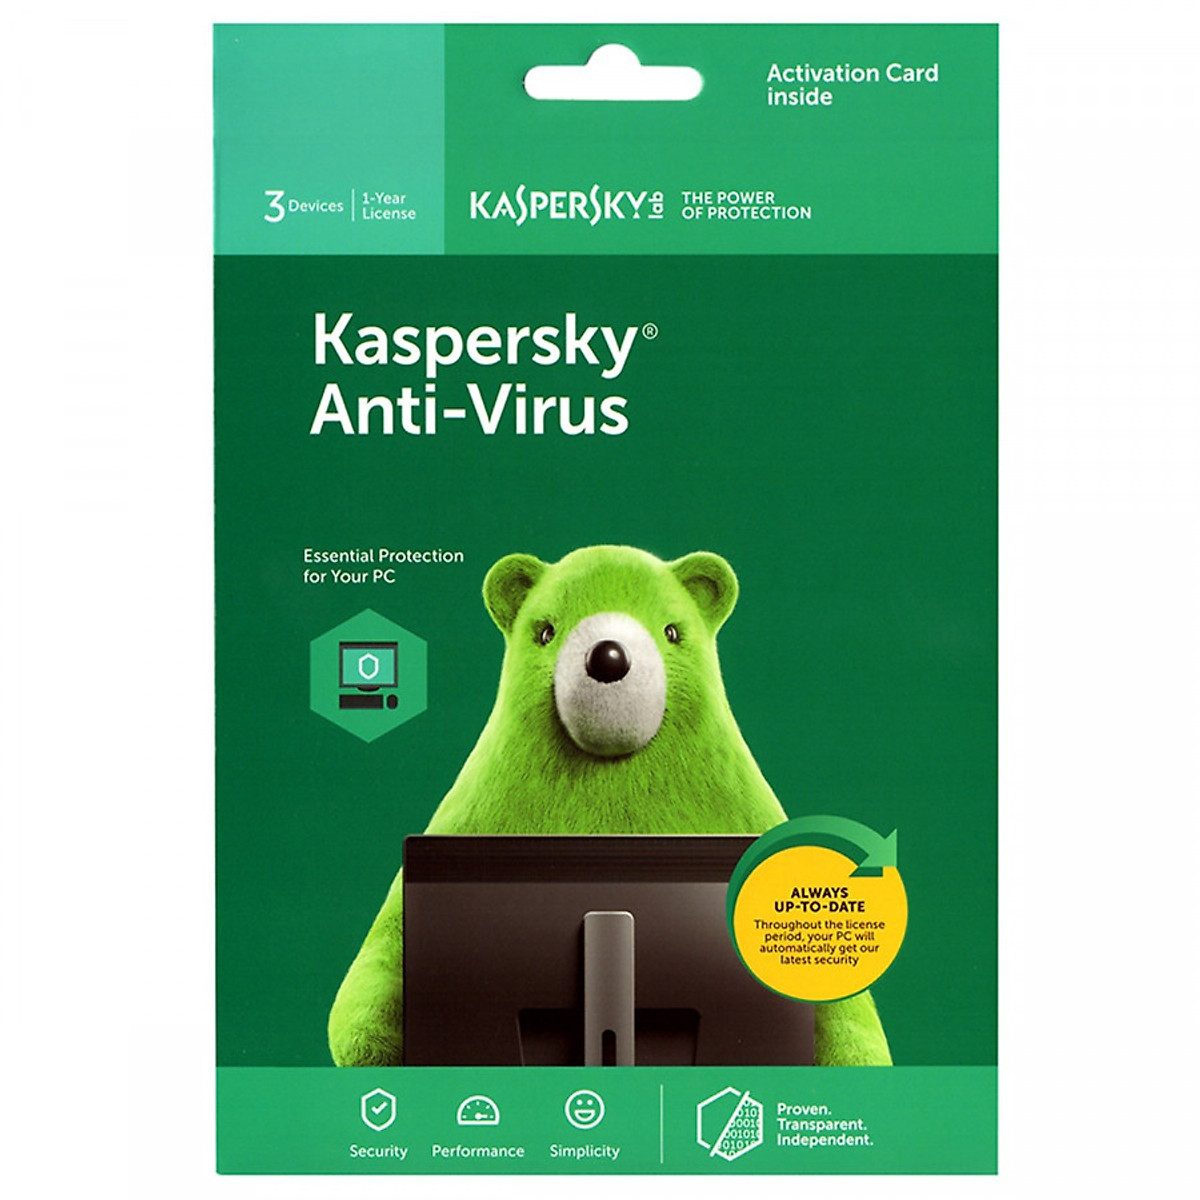 Phần mềm Kaspersky antivirus 3PC/1 năm – Hàng chính hãng